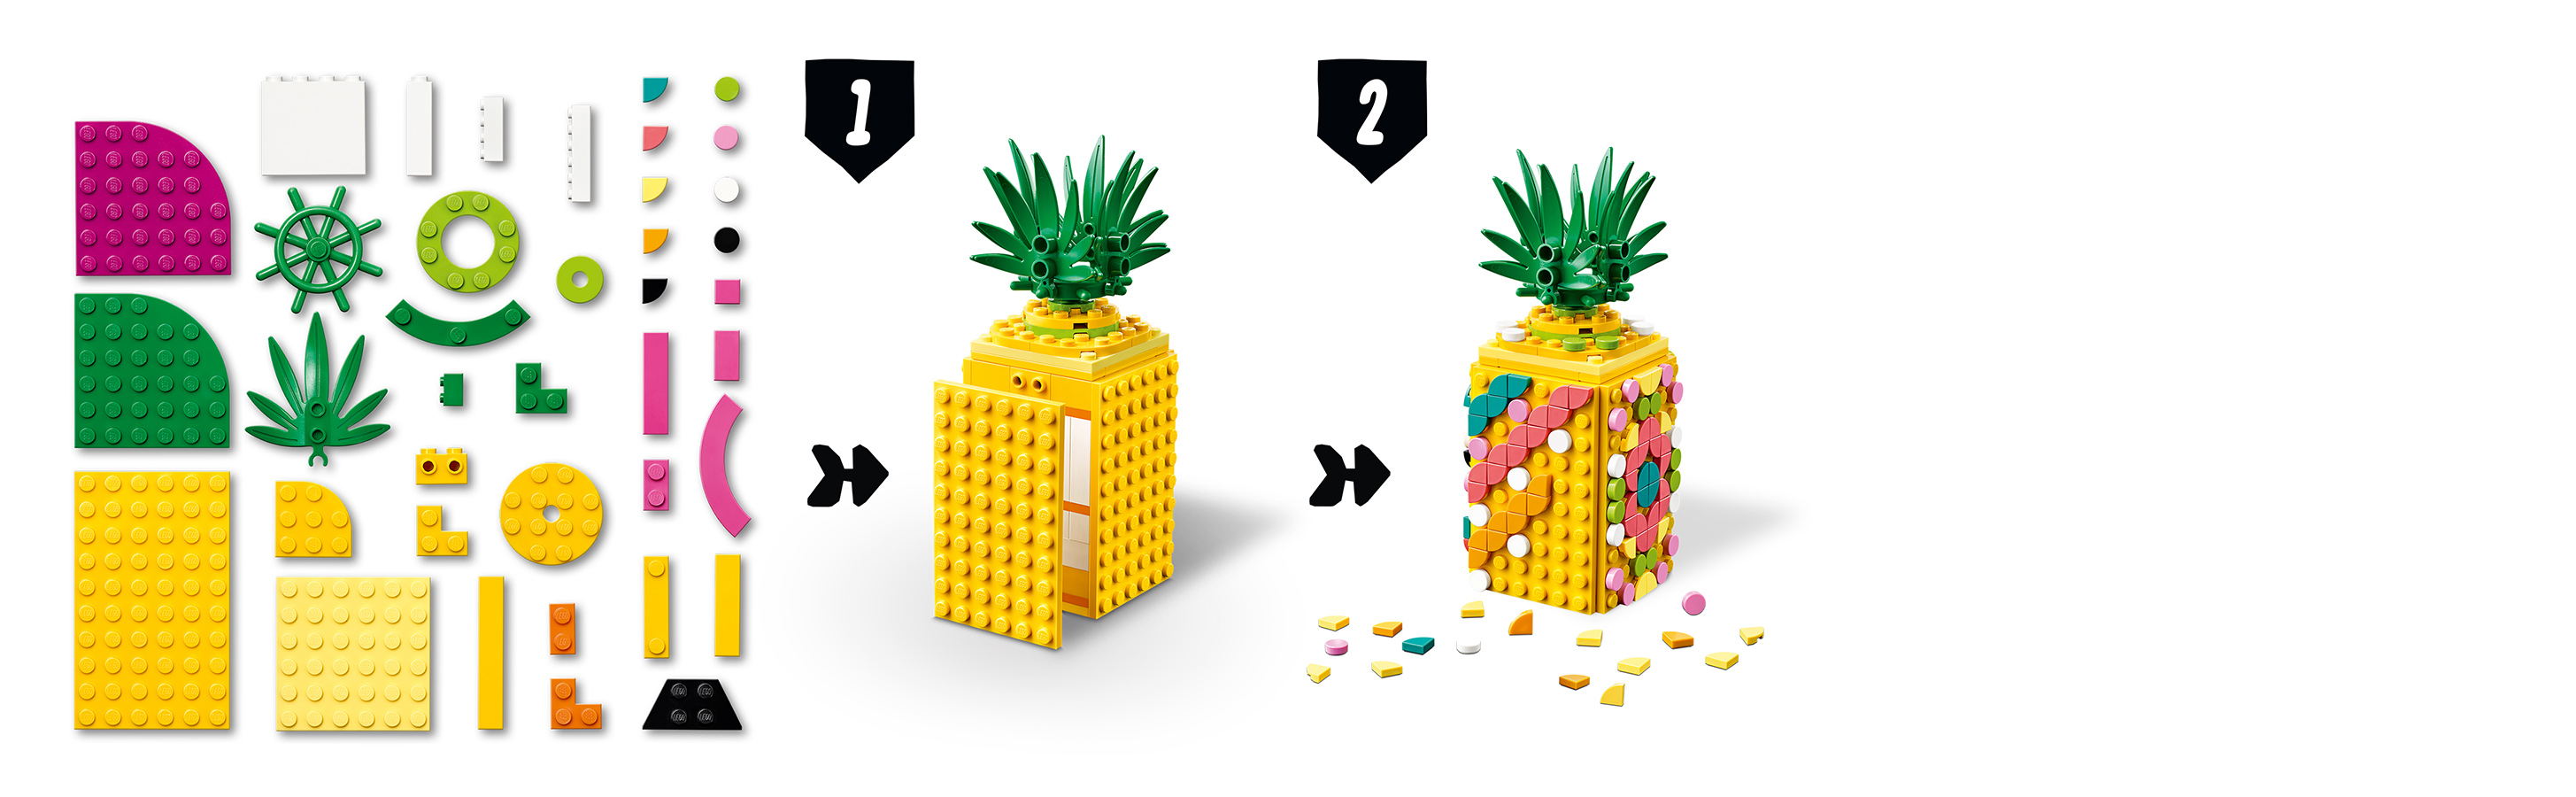 351 parçalı bir ananas